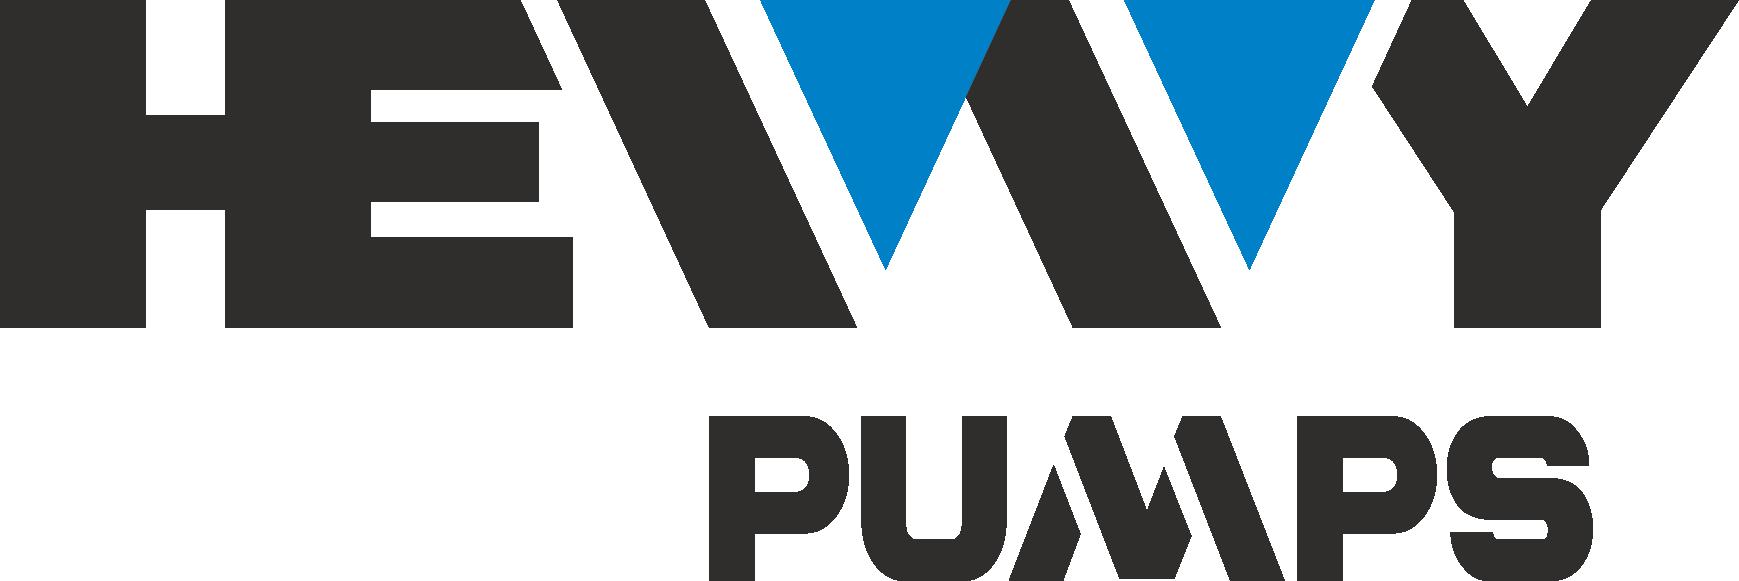 HEVVY-logo-CMYK